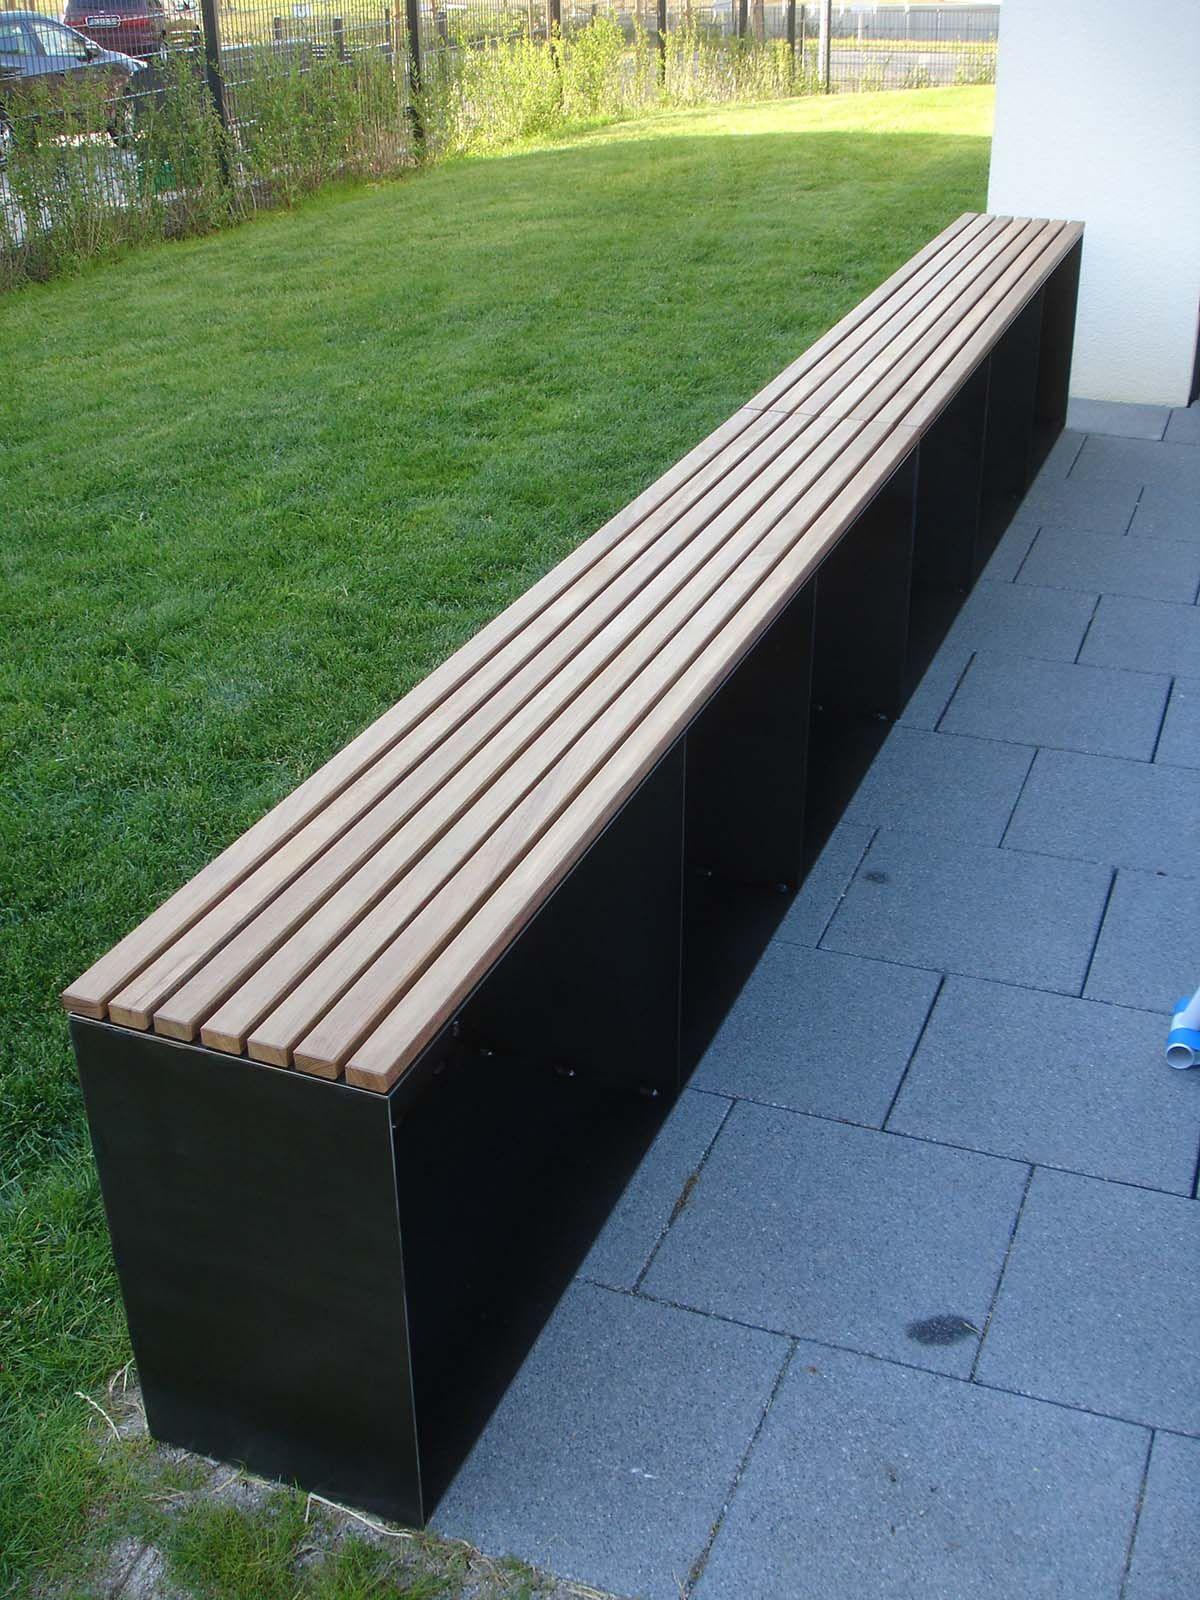 Full Size of Sitzbank Garten Design Metallmoebel Stahlmoebel Sideboard Stahl Holz Eiche Vertikal Loungemöbel Wassertank Trennwand Günstig Und Landschaftsbau Hamburg Garten Sitzbank Garten